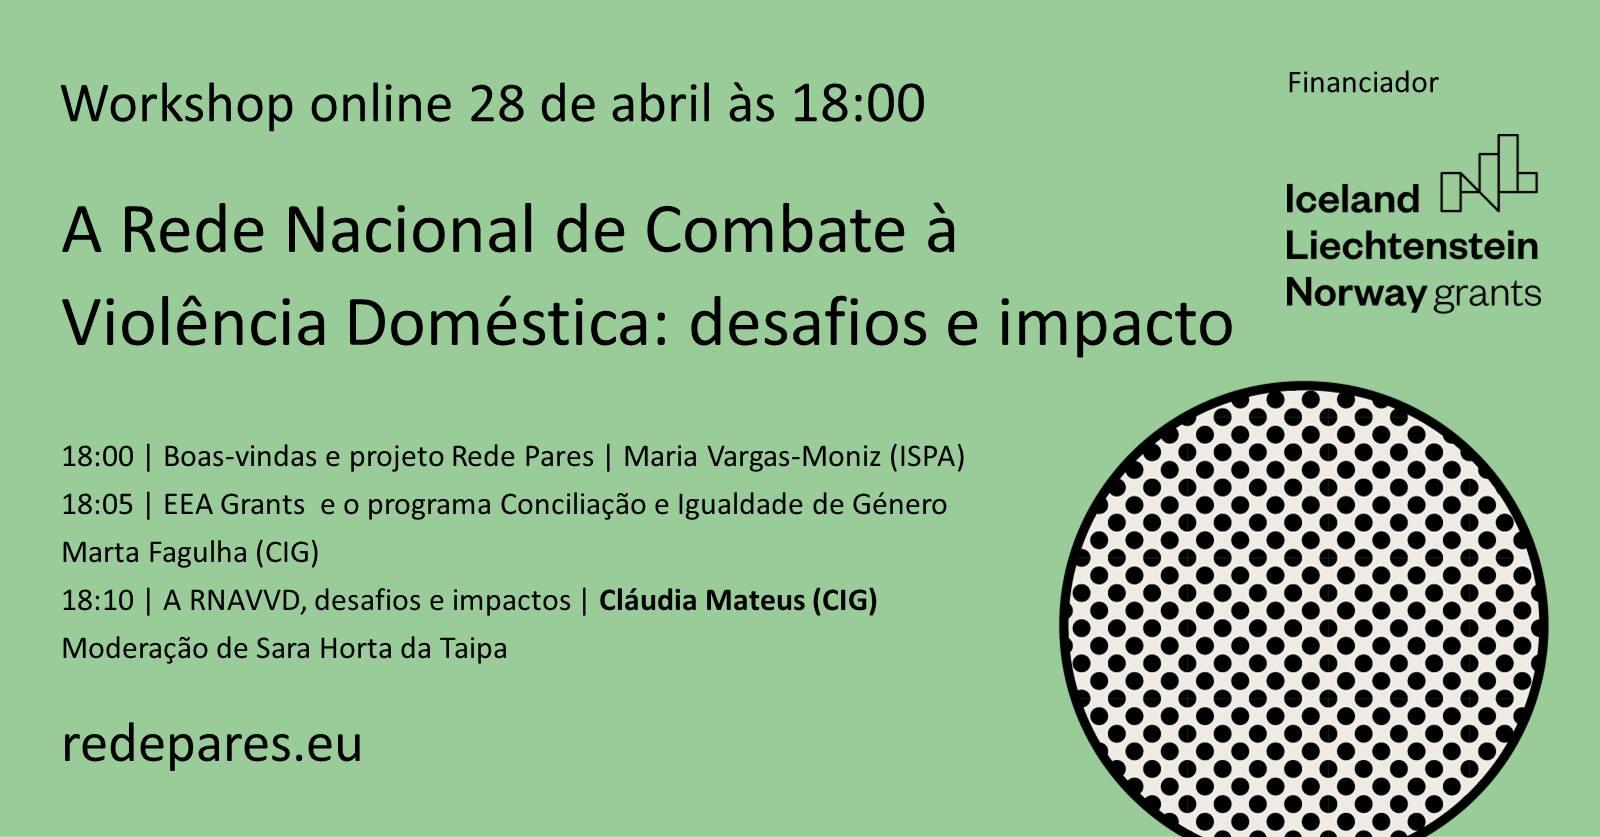 Workshop A Rede Nacional de Apoio às Vítimas de Violência Doméstica: desafios e impacto